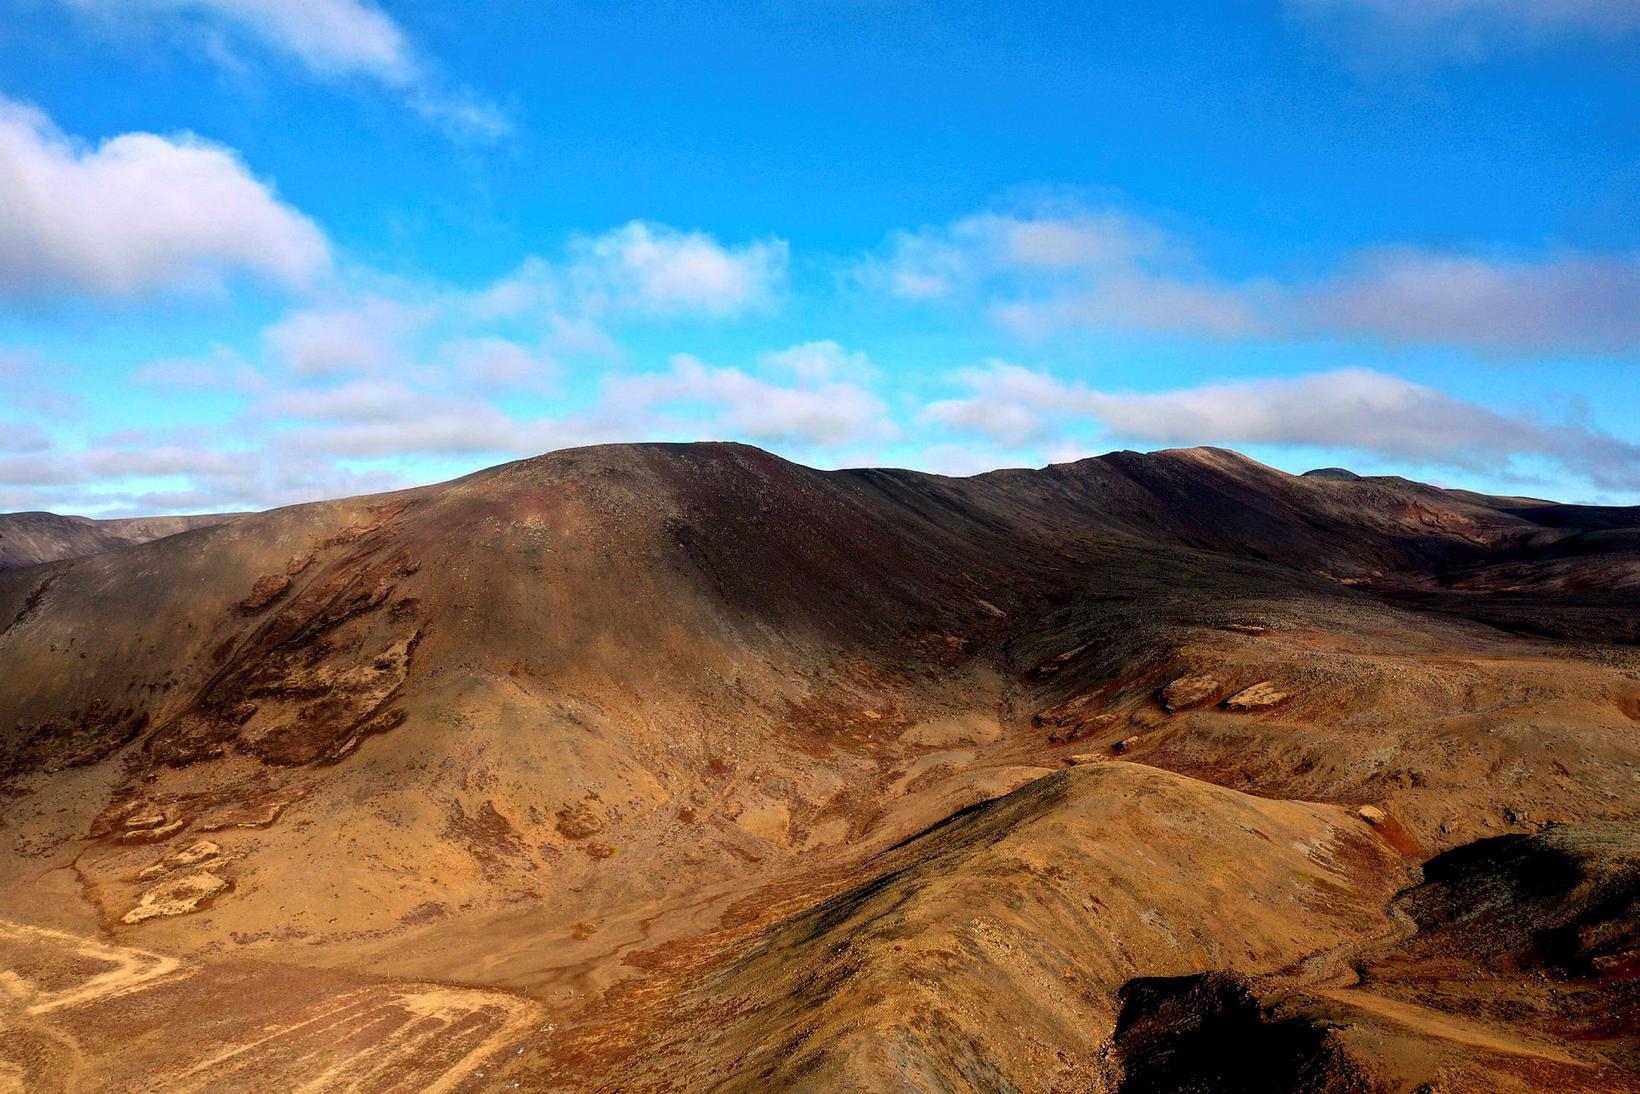 Hugsanlegur gosstaður er við eða á Fagradalsfjalli á Reykjanesskaga.